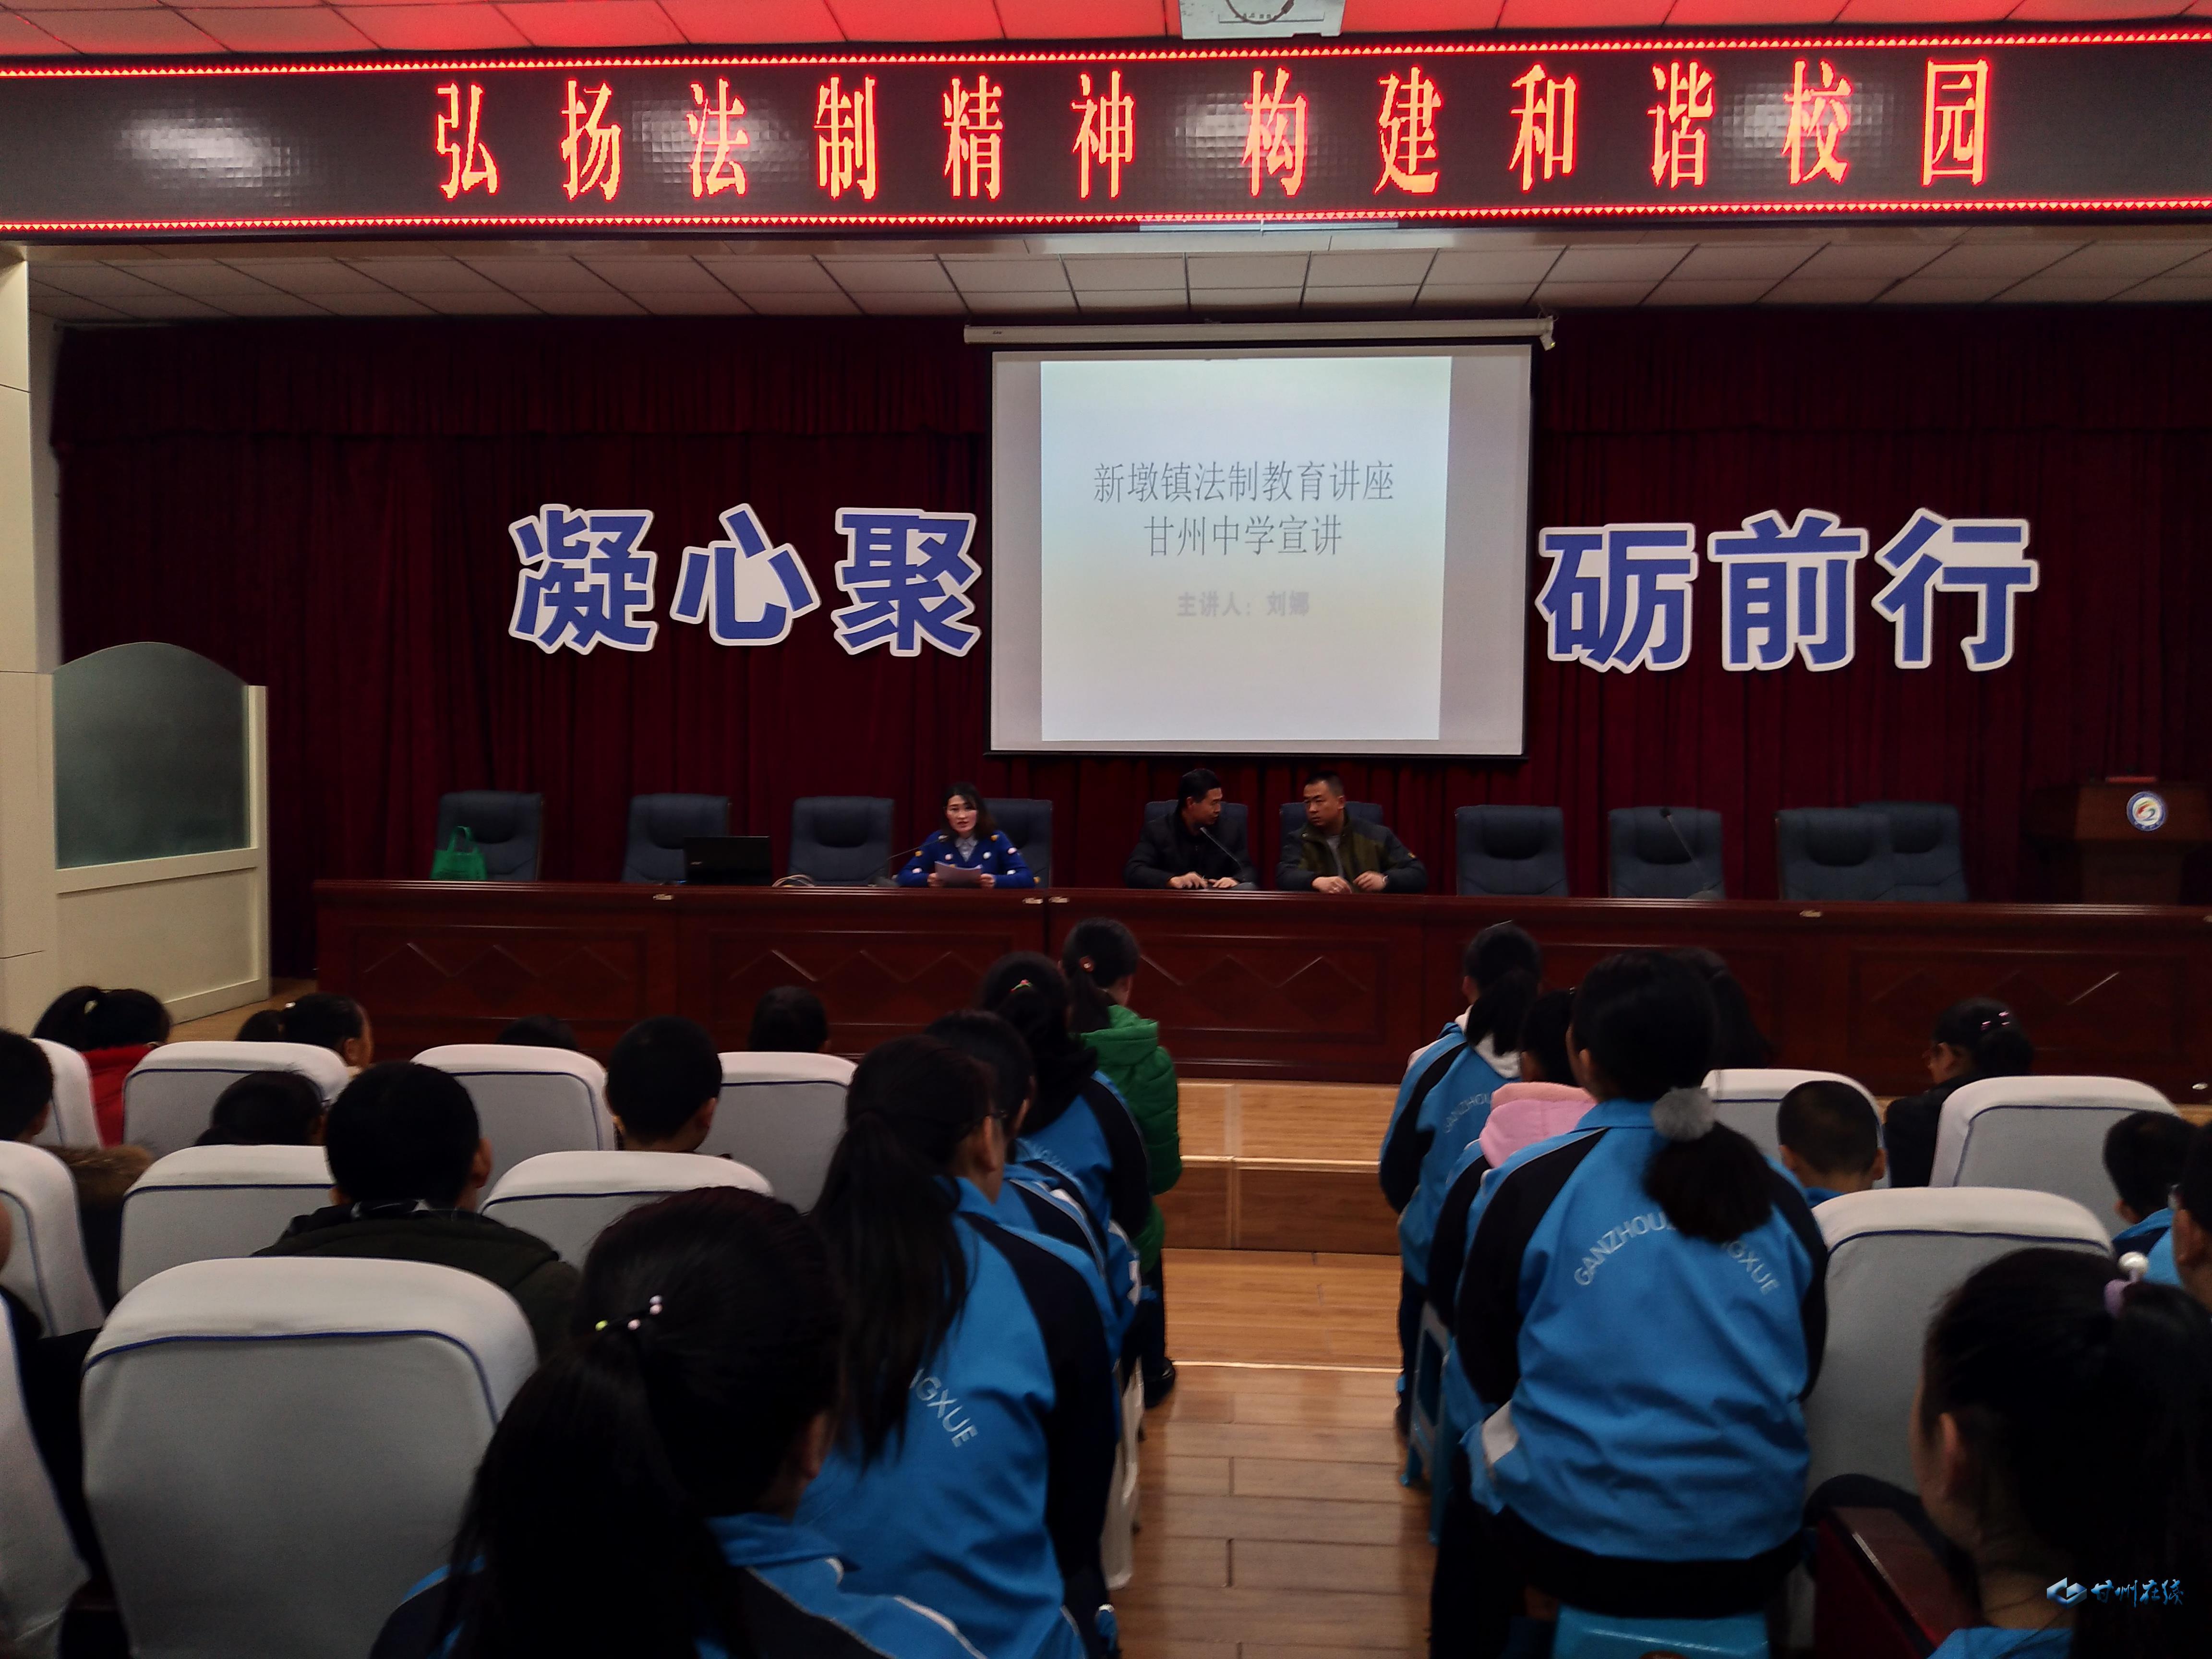 甘州区新墩镇司法所开展法制宣讲进校园活动